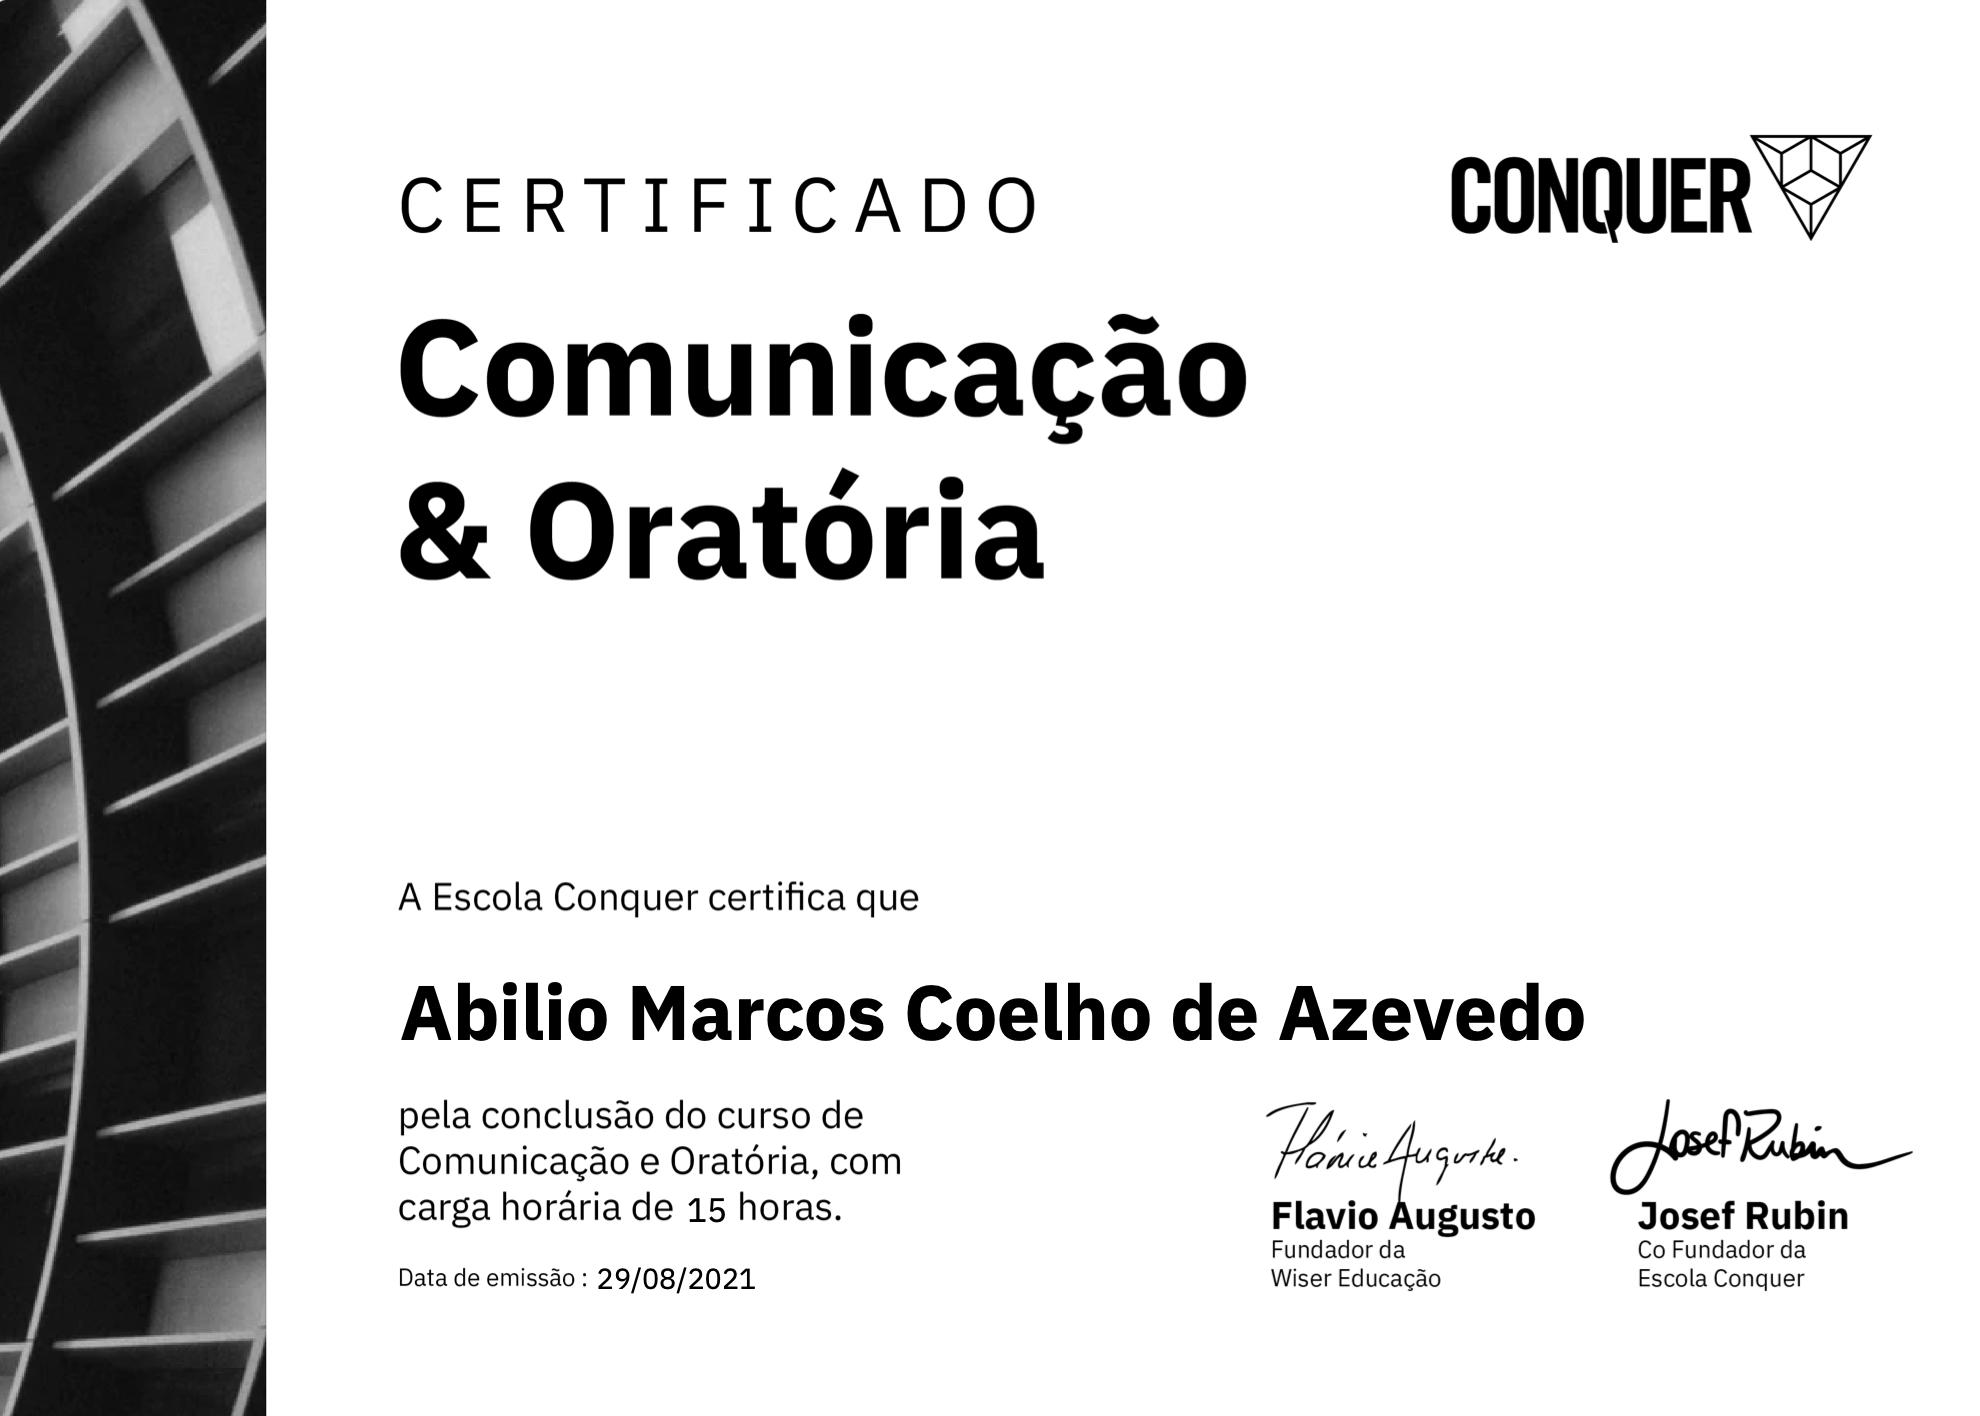 Cover Image for Curso de Comunicação e Oratória - Conquer